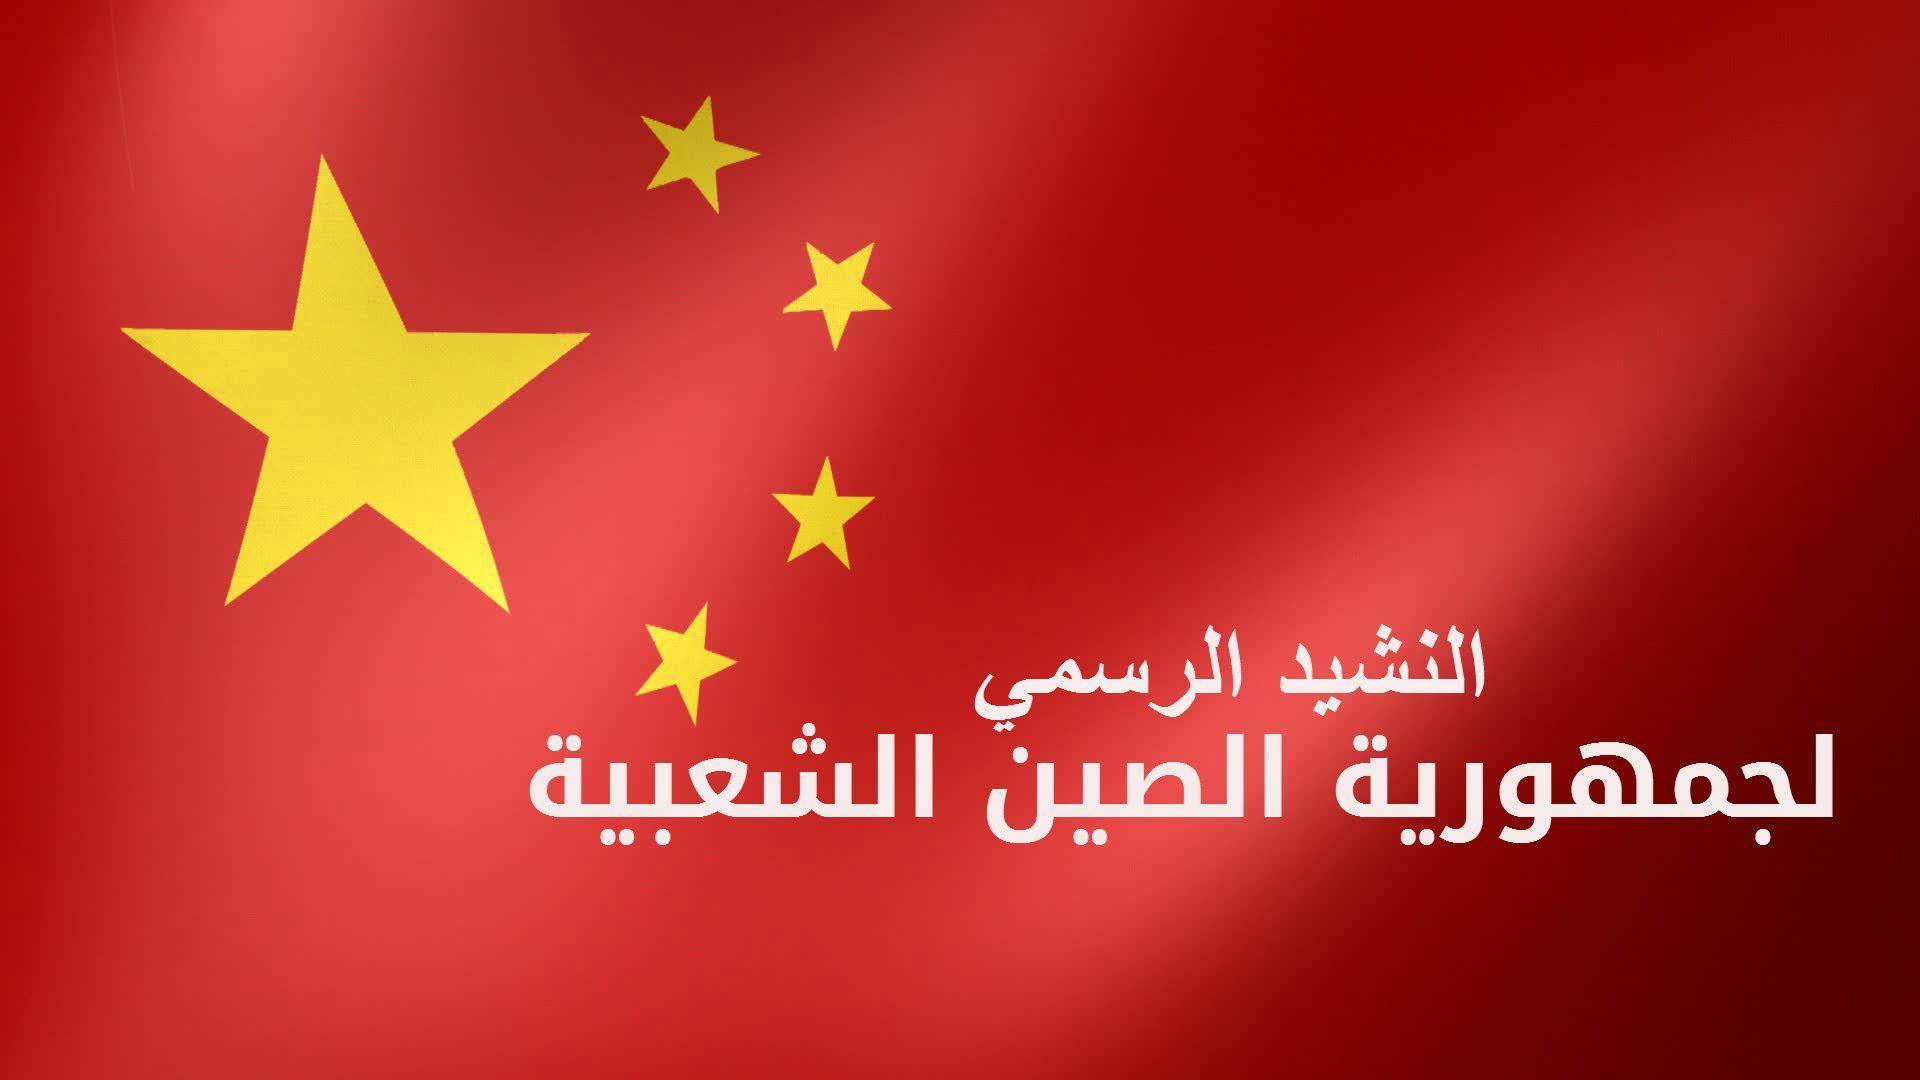 تعرف على الصين | النشيد الرسمي لجمهورية الصين الشعبية https://www.youtube.com/user/NIZARKHADHRI/videos